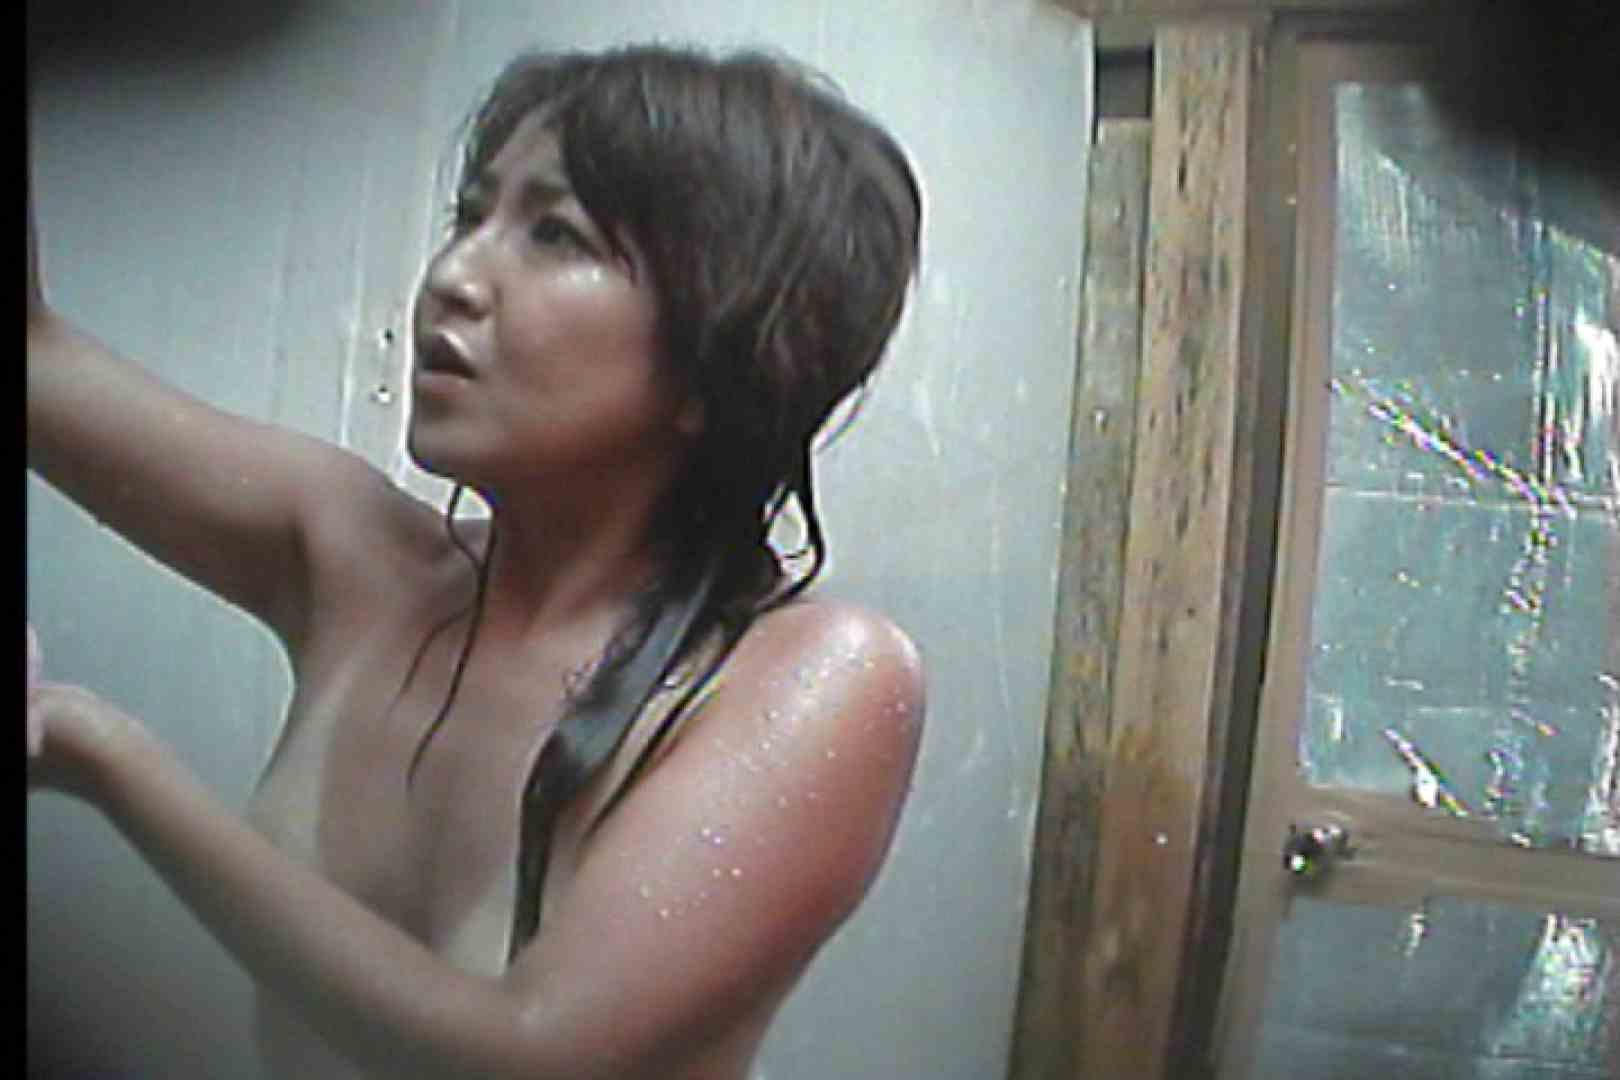 海の家の更衣室 Vol.58 エッチすぎるOL達 のぞき動画画像 16連発 11